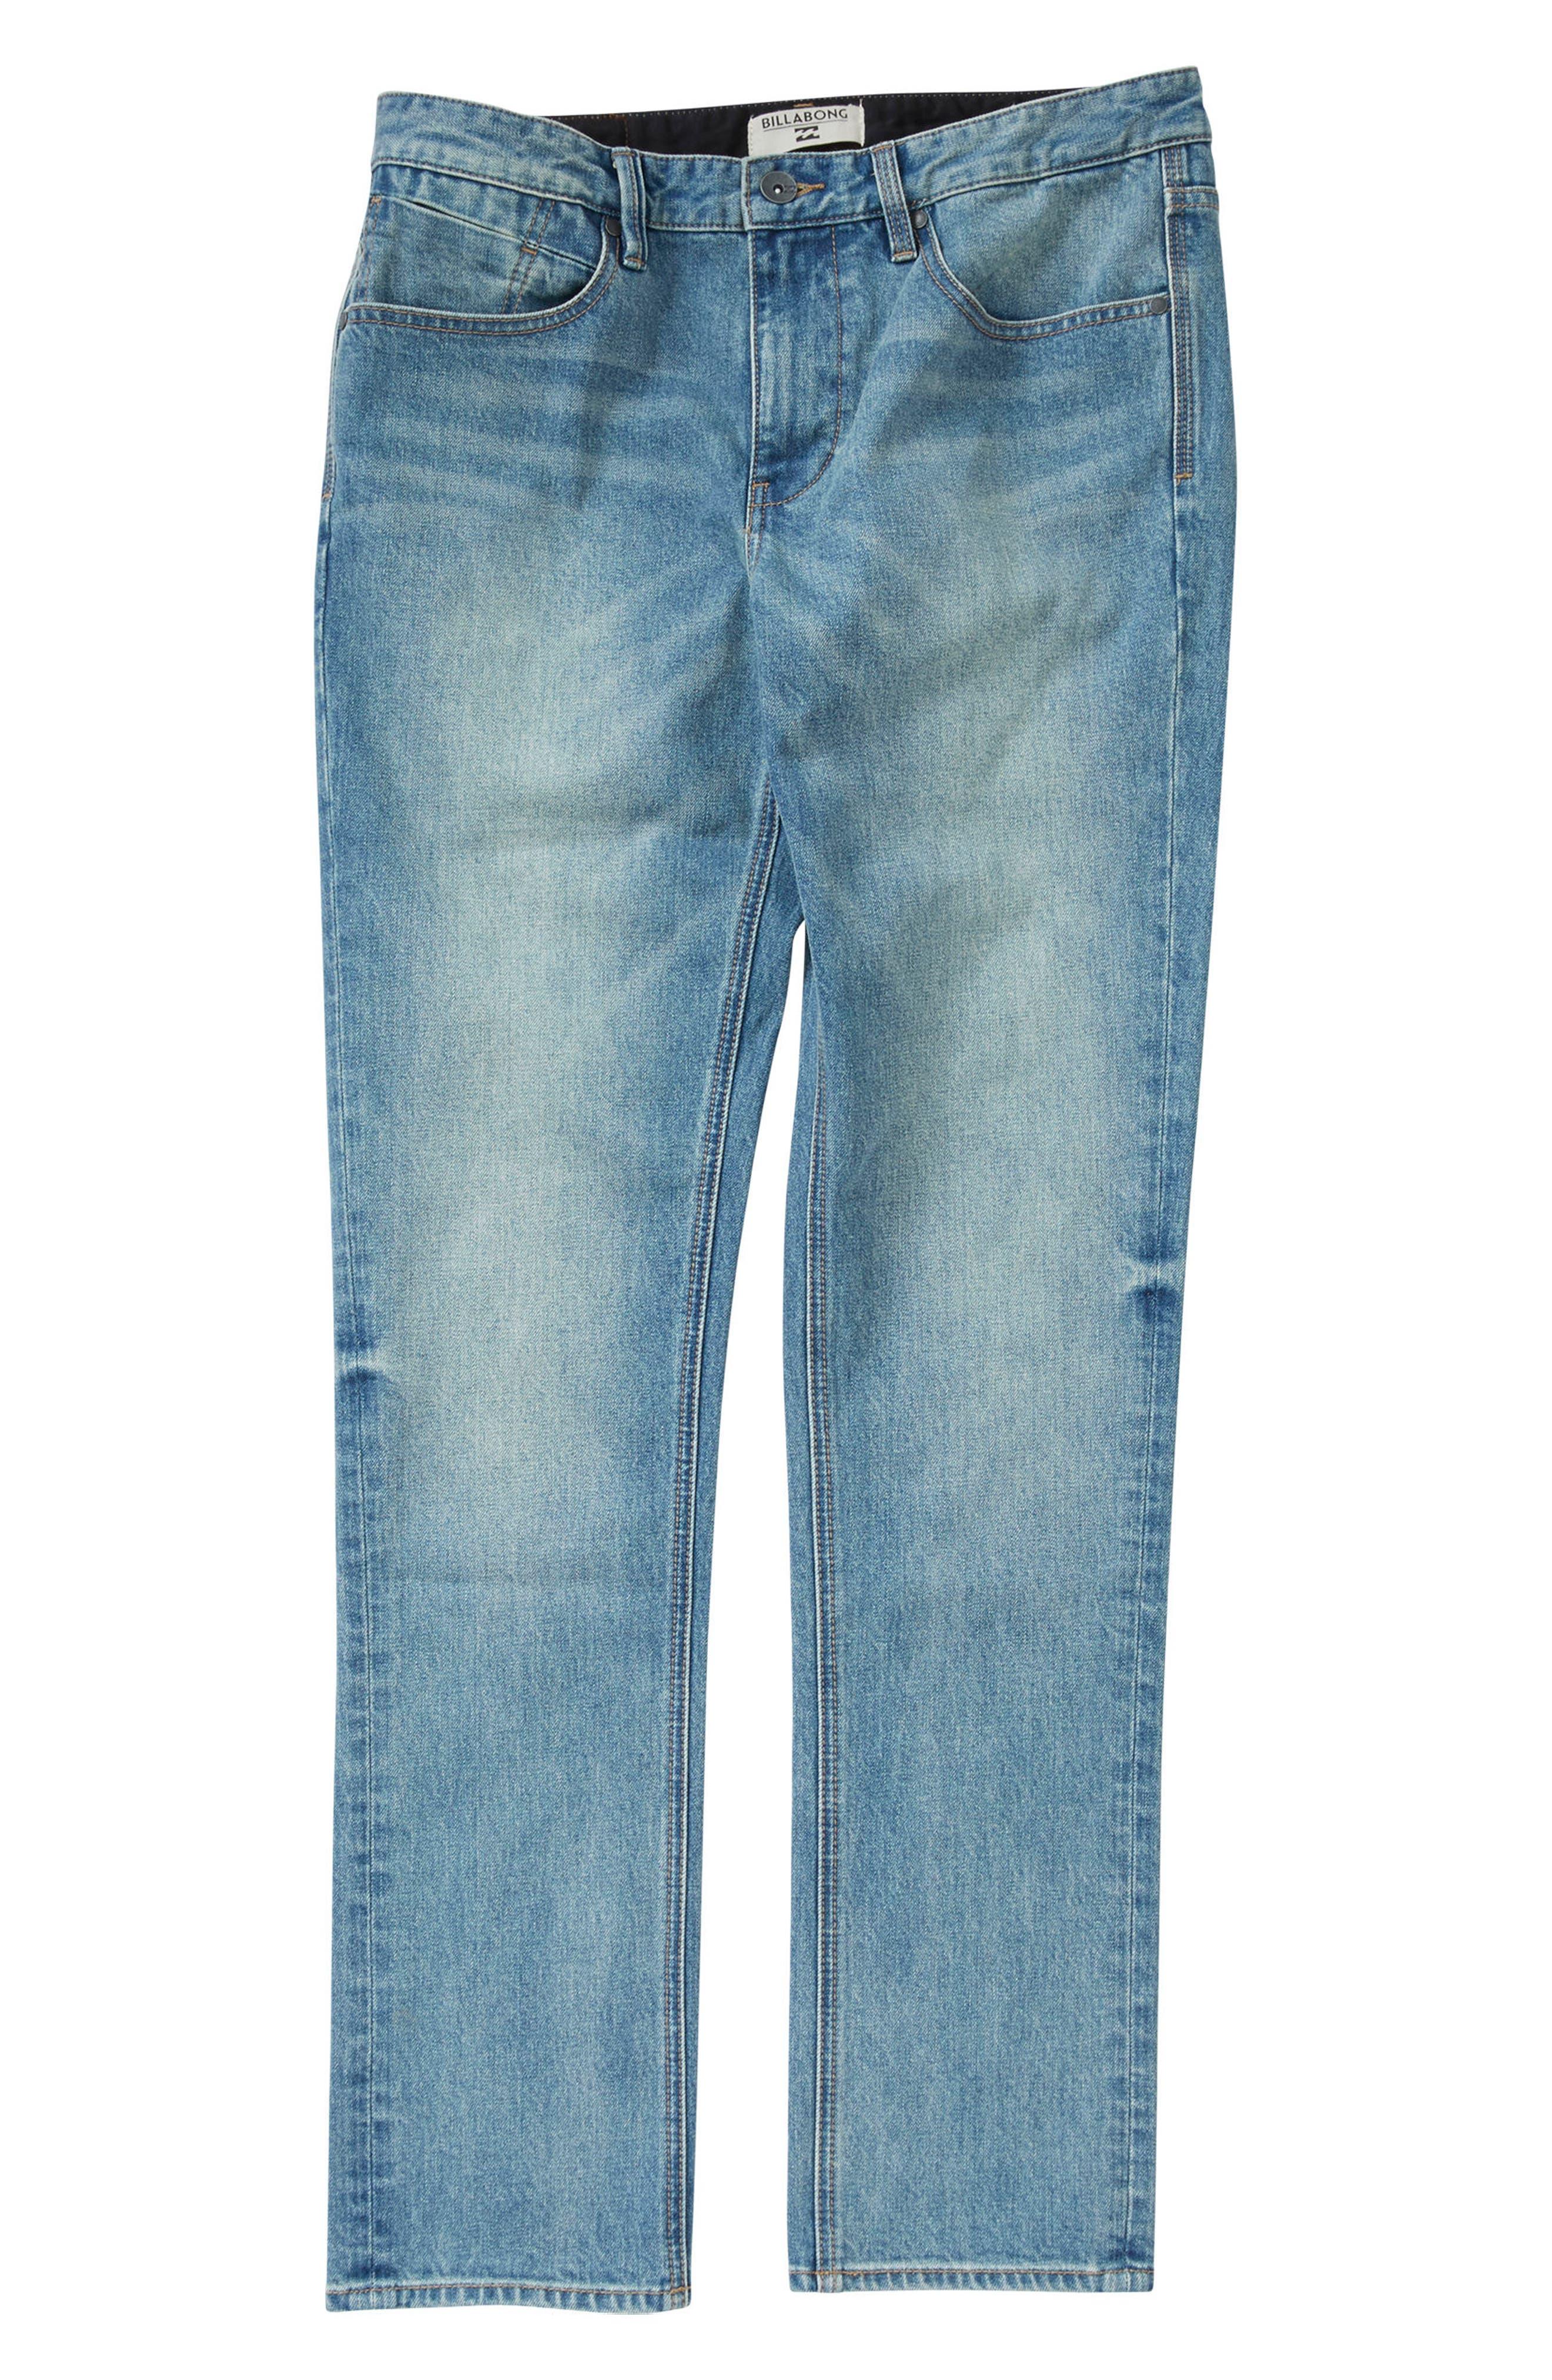 Main Image - Billabong Outsider Jeans (Toddler Boys & Little Boys)